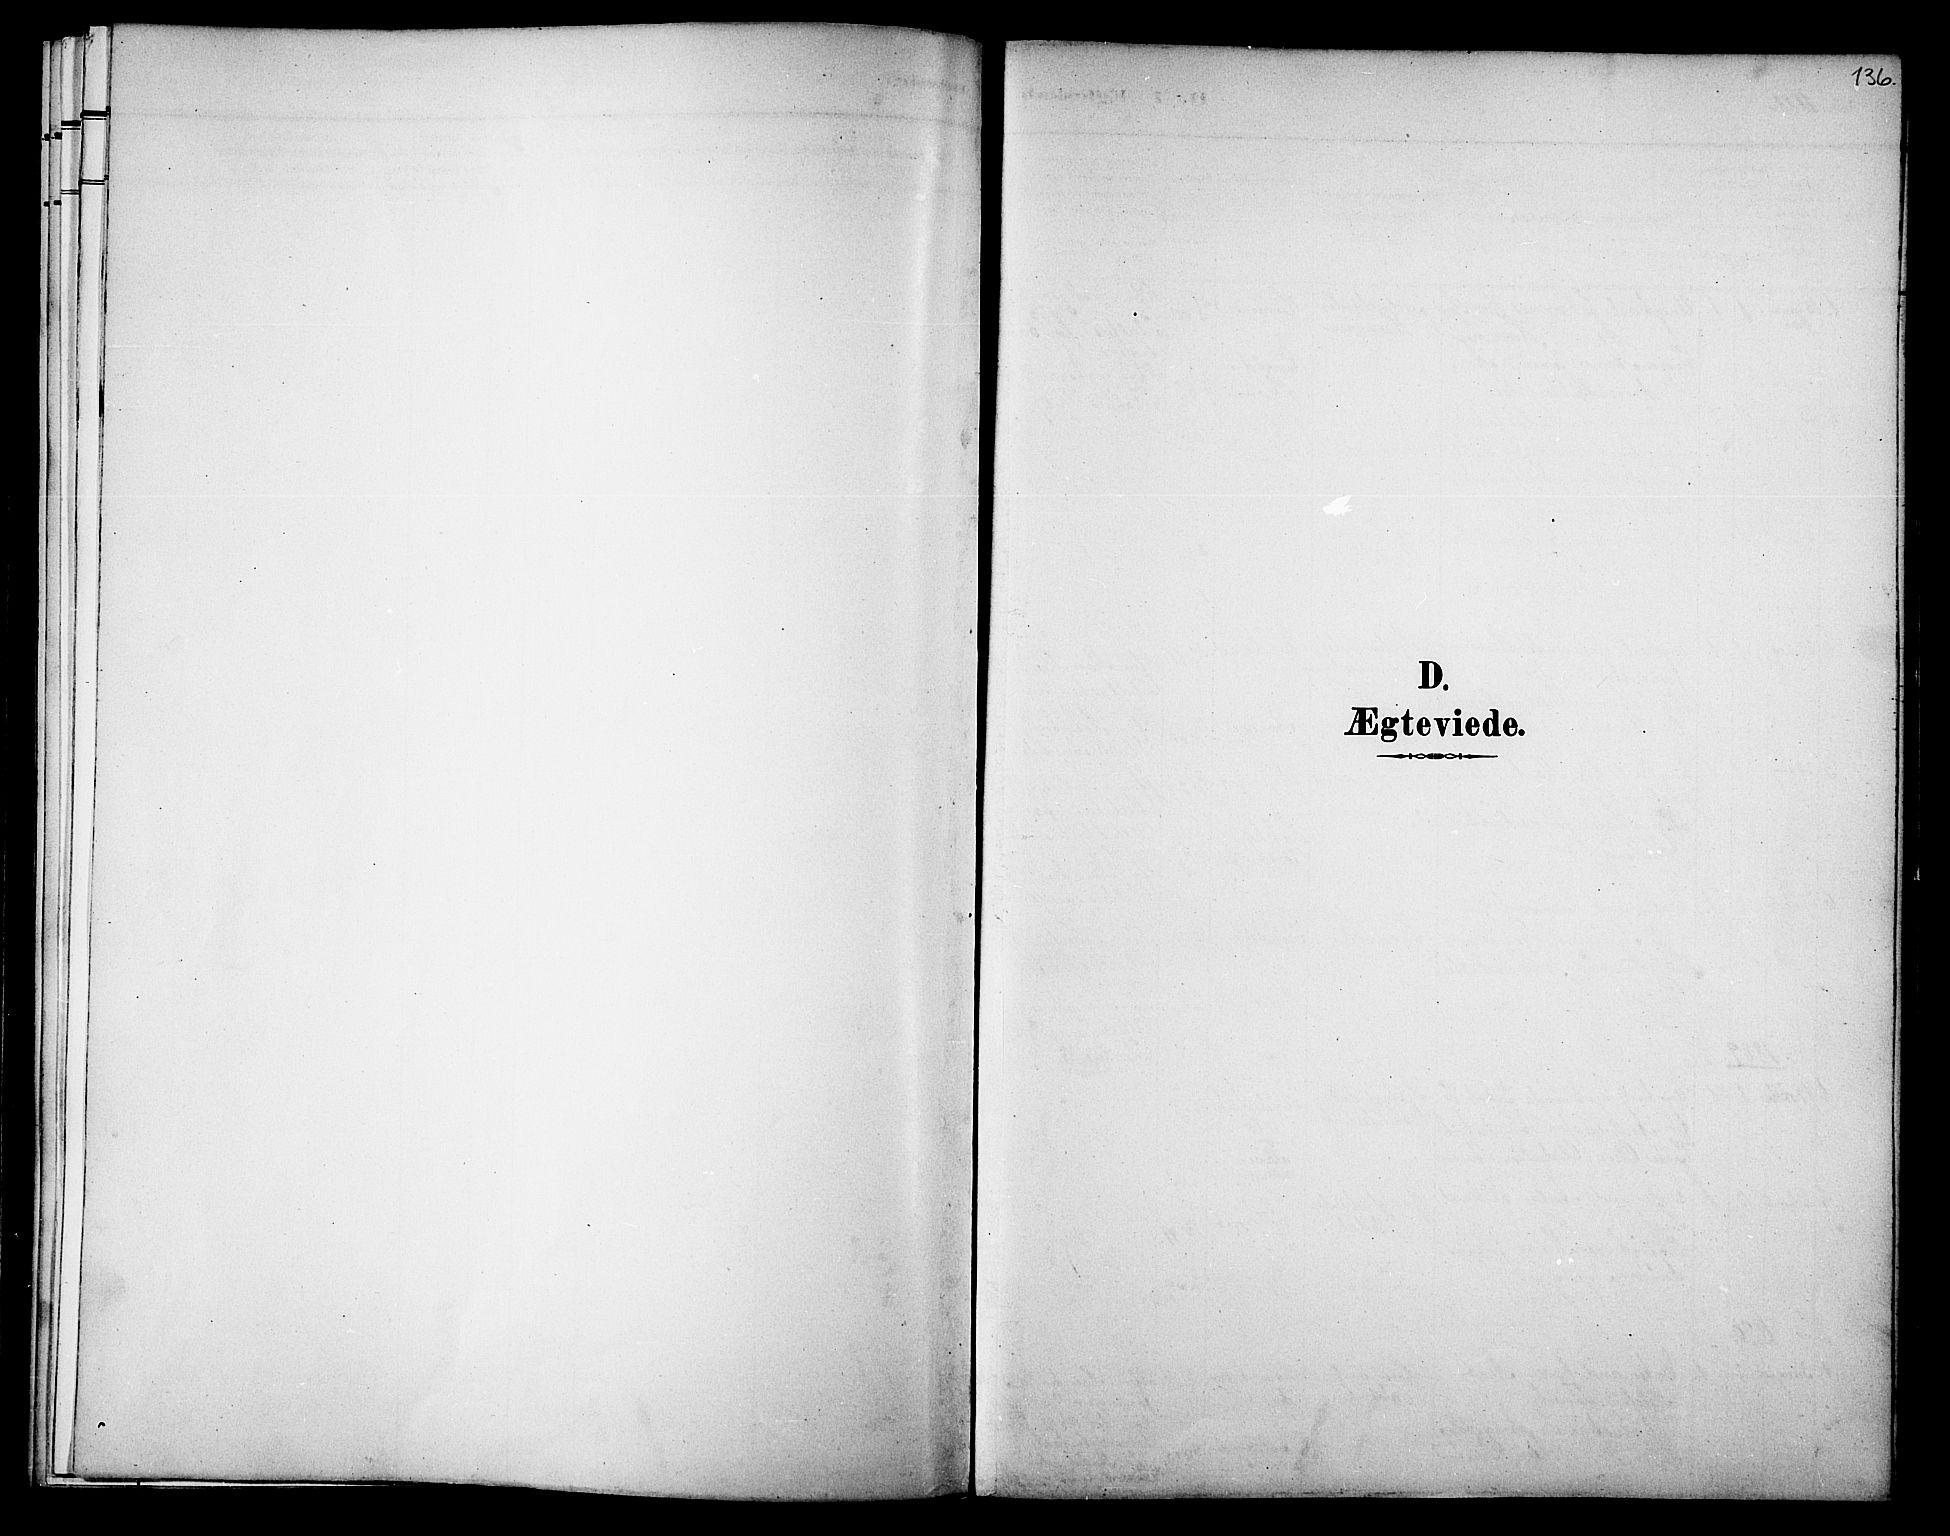 SAT, Ministerialprotokoller, klokkerbøker og fødselsregistre - Nord-Trøndelag, 733/L0327: Klokkerbok nr. 733C02, 1888-1918, s. 136